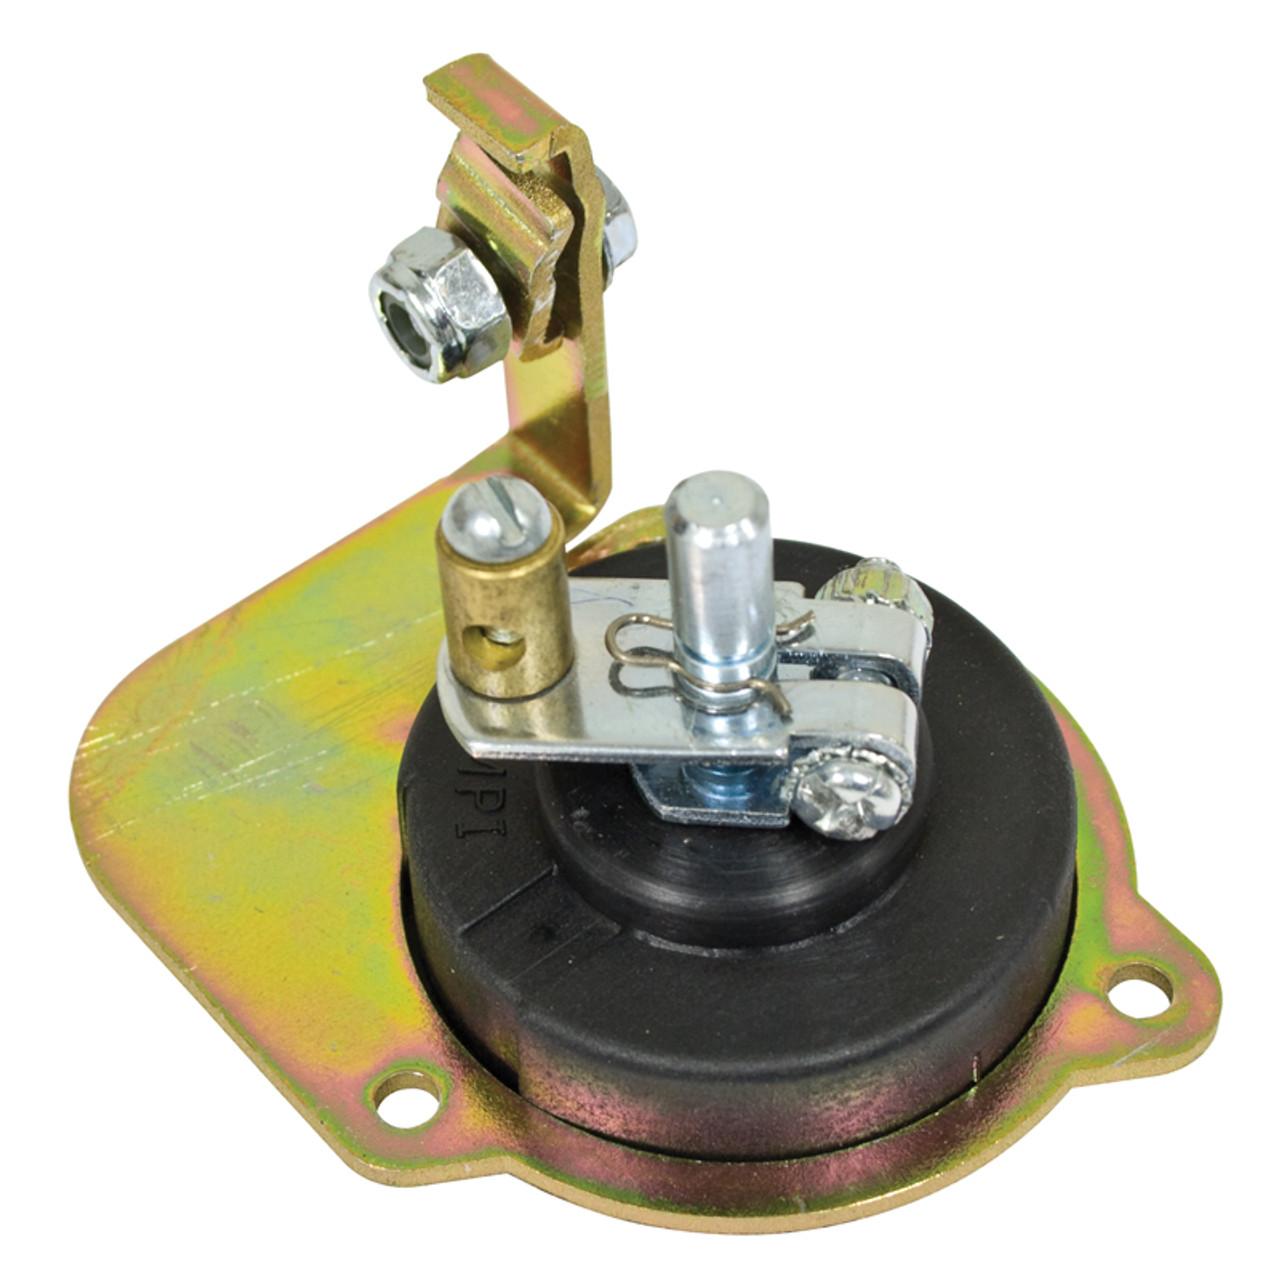 Vdp Xjr 04-07 D-7590 Oem Jaguar A/c Pressure Switch Sensor Xj8 ...